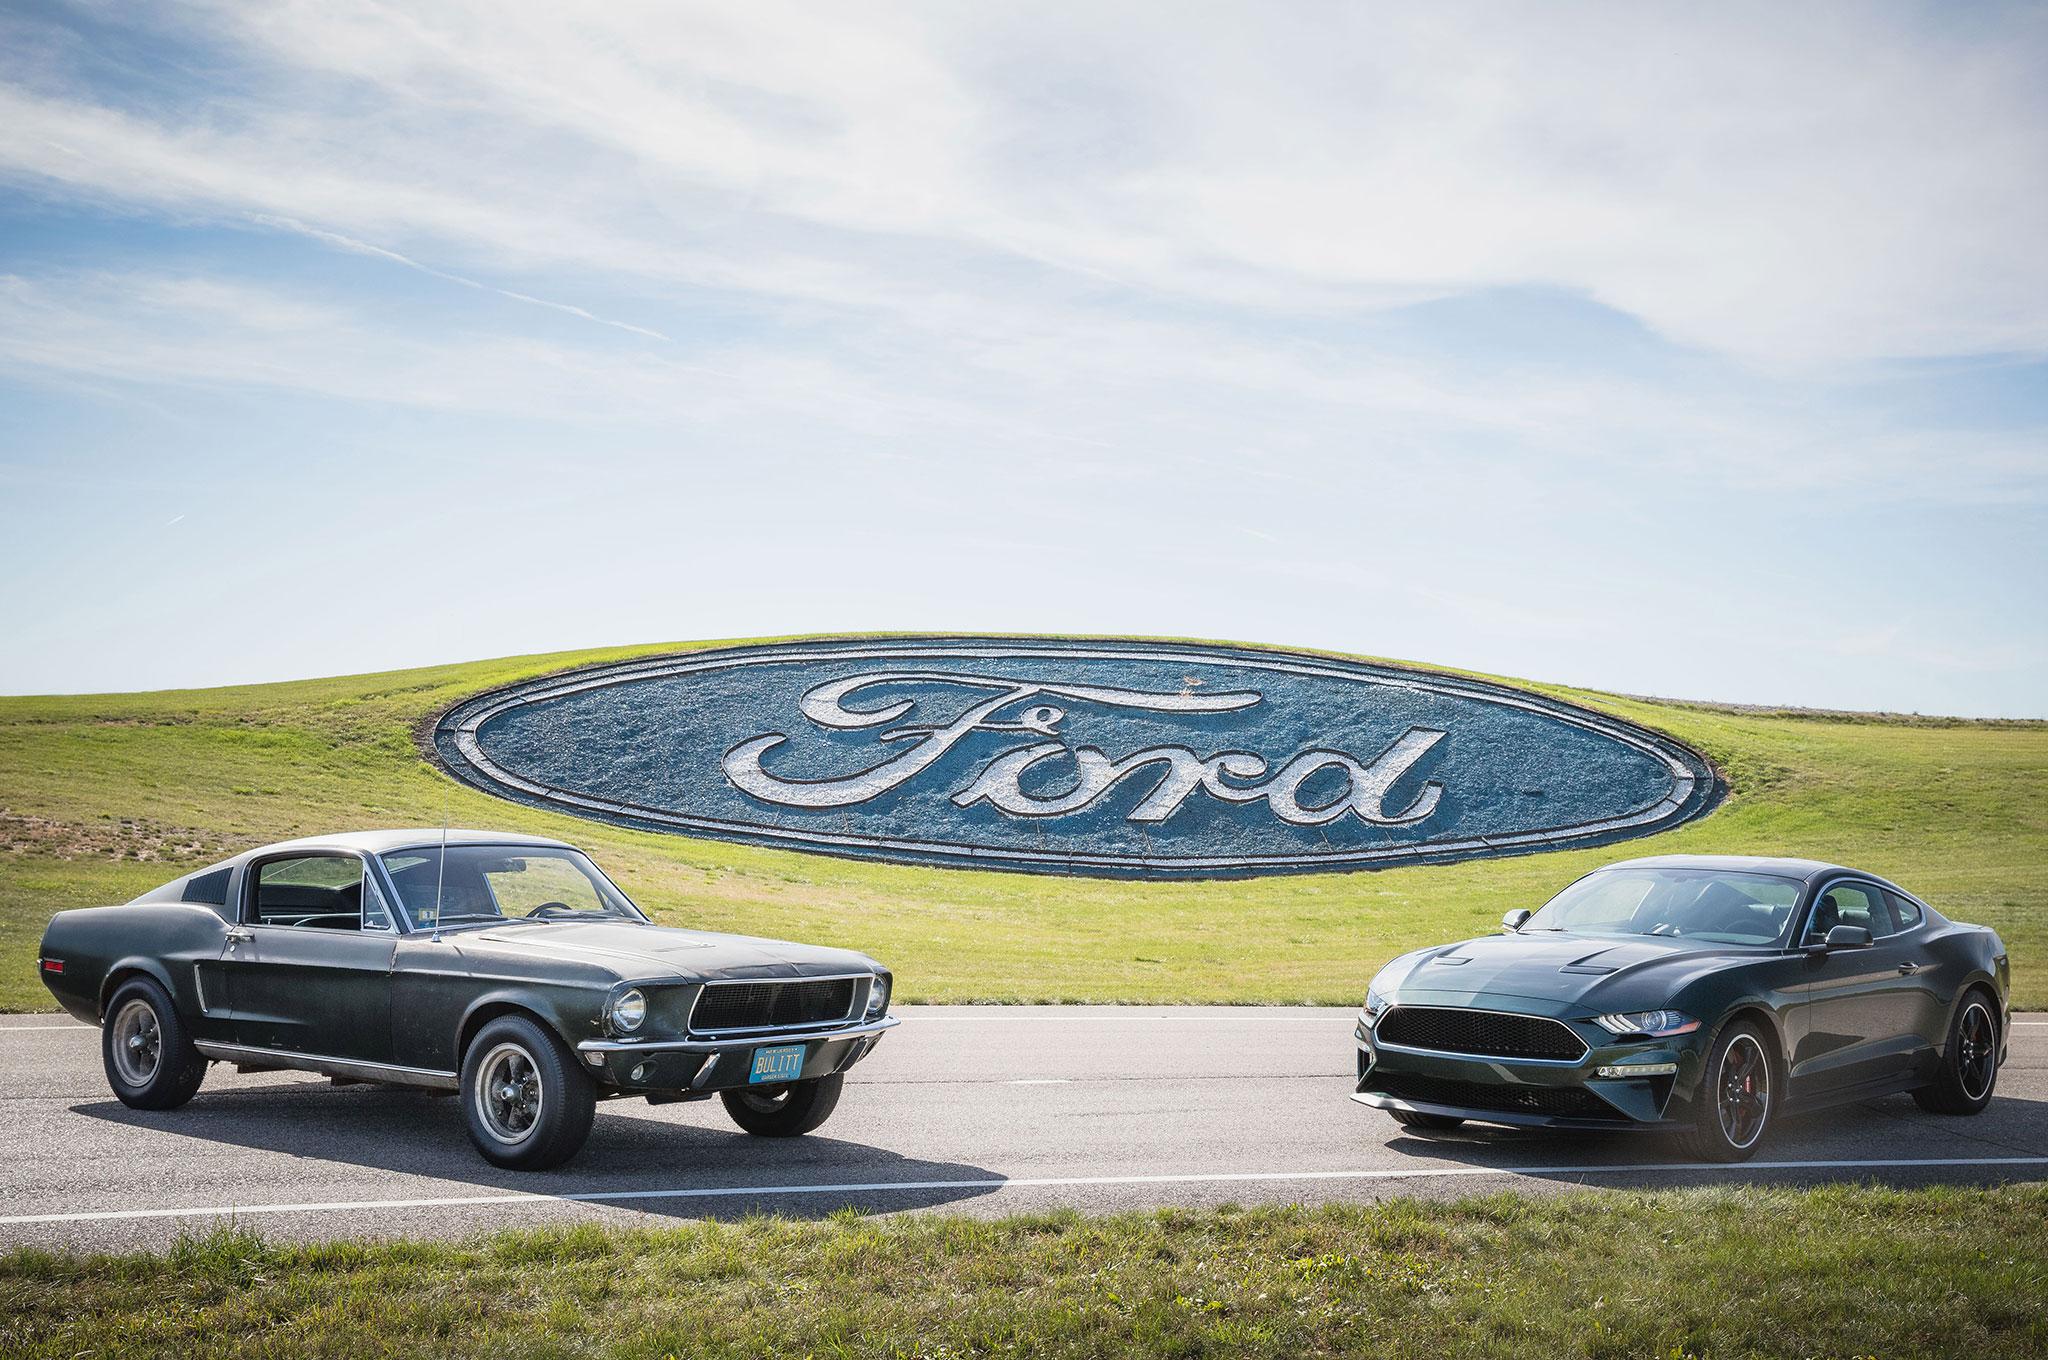 2019 Ford Mustang Bullitt Is Back For Film S 50th